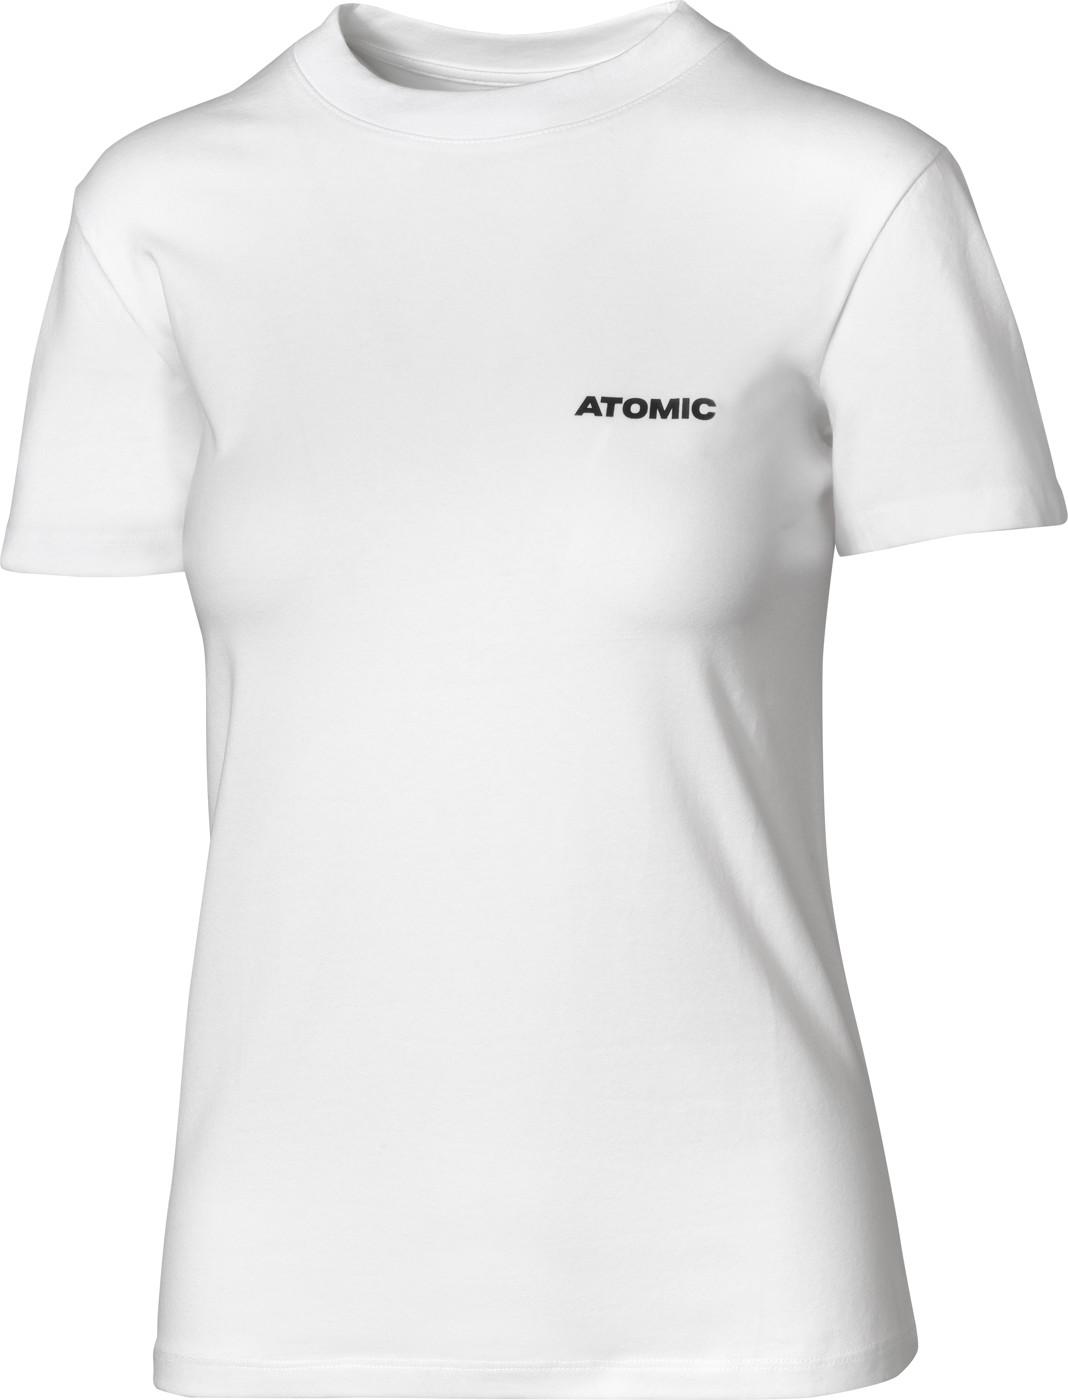 ATOMIC W ALPS T-SHIRT White XL - Damen